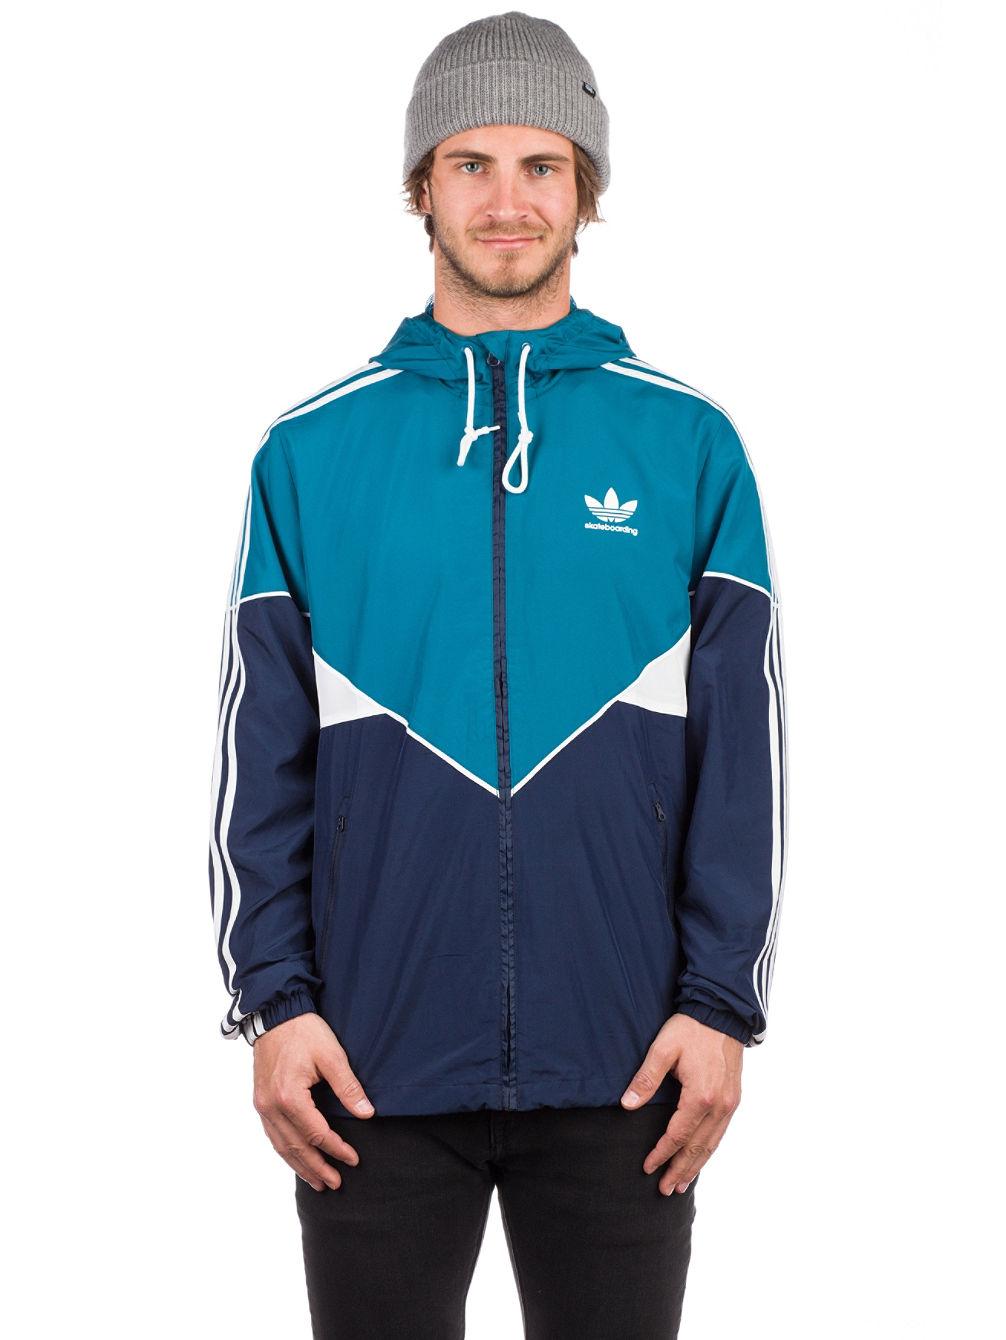 ea5e173a5fb4 Premiere Jacket